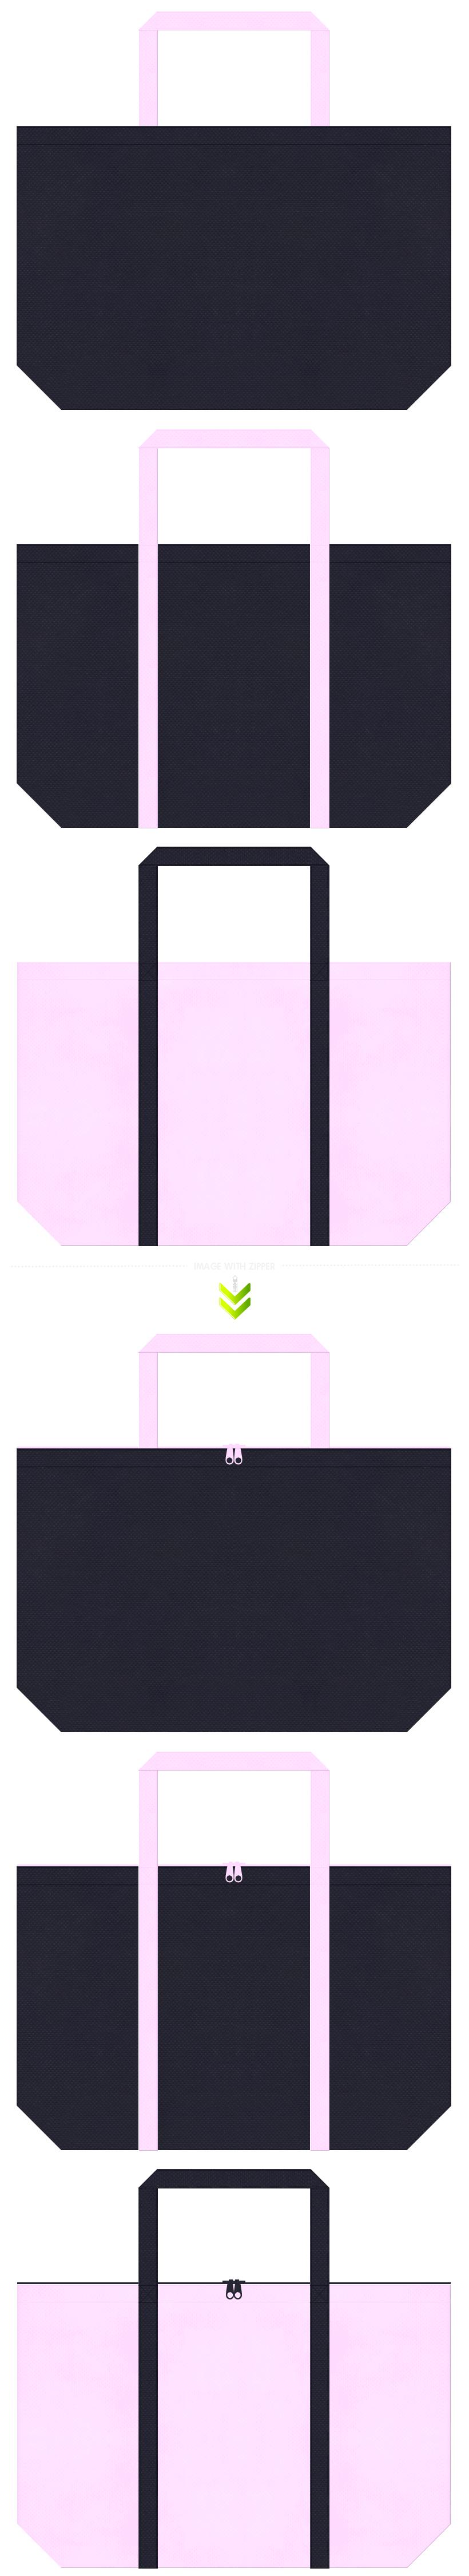 学校・学園・オープンキャンパス・学習塾・レッスンバッグ・浴衣・スポーツ用品のショッピングバッグにお奨めの不織布バッグデザイン:濃紺色と明るいピンク色のコーデ